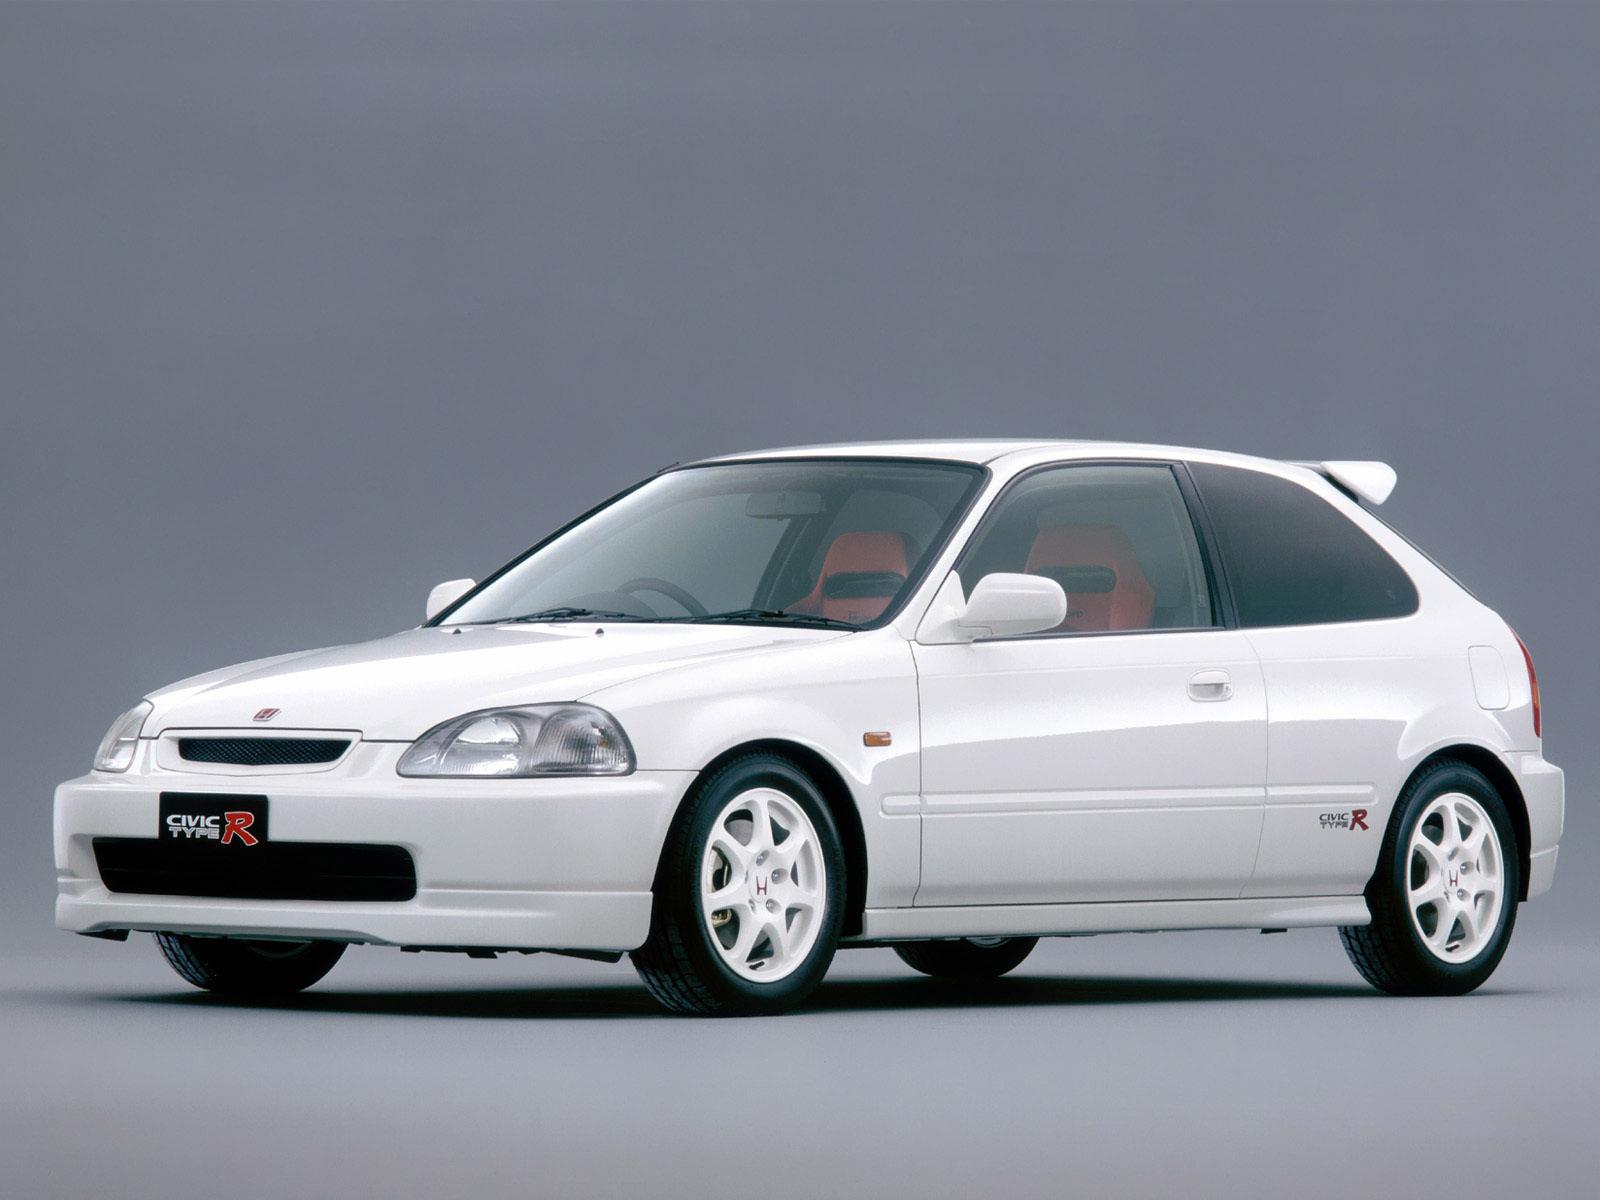 honda civic type r 3 door 1997